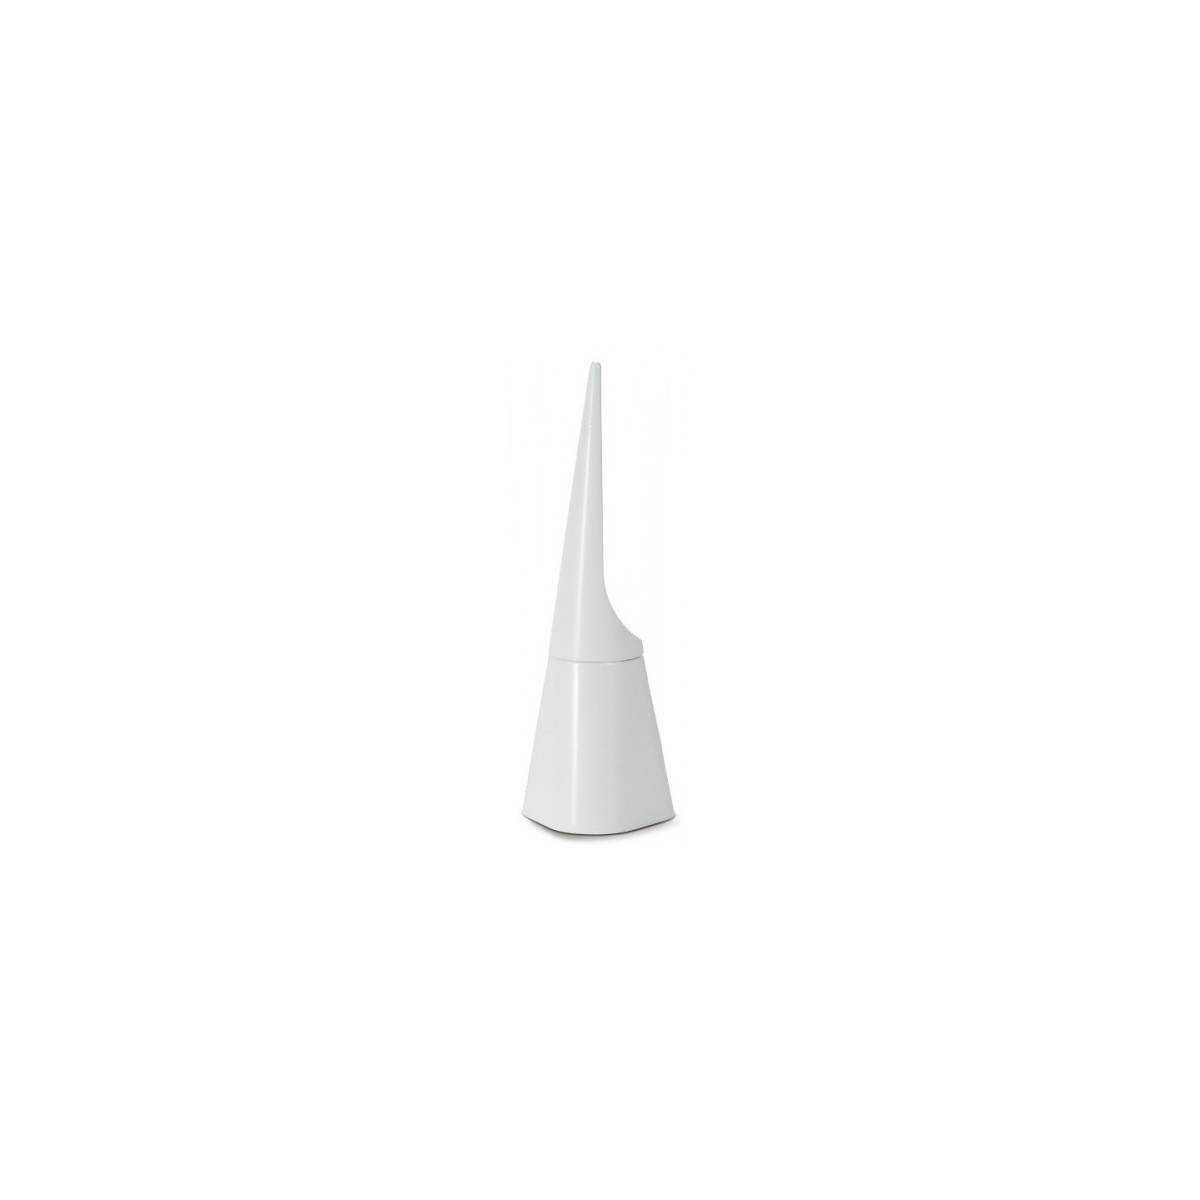 Щетка для унитаза напольная ACQUALBA (574) 574 Mar Plast